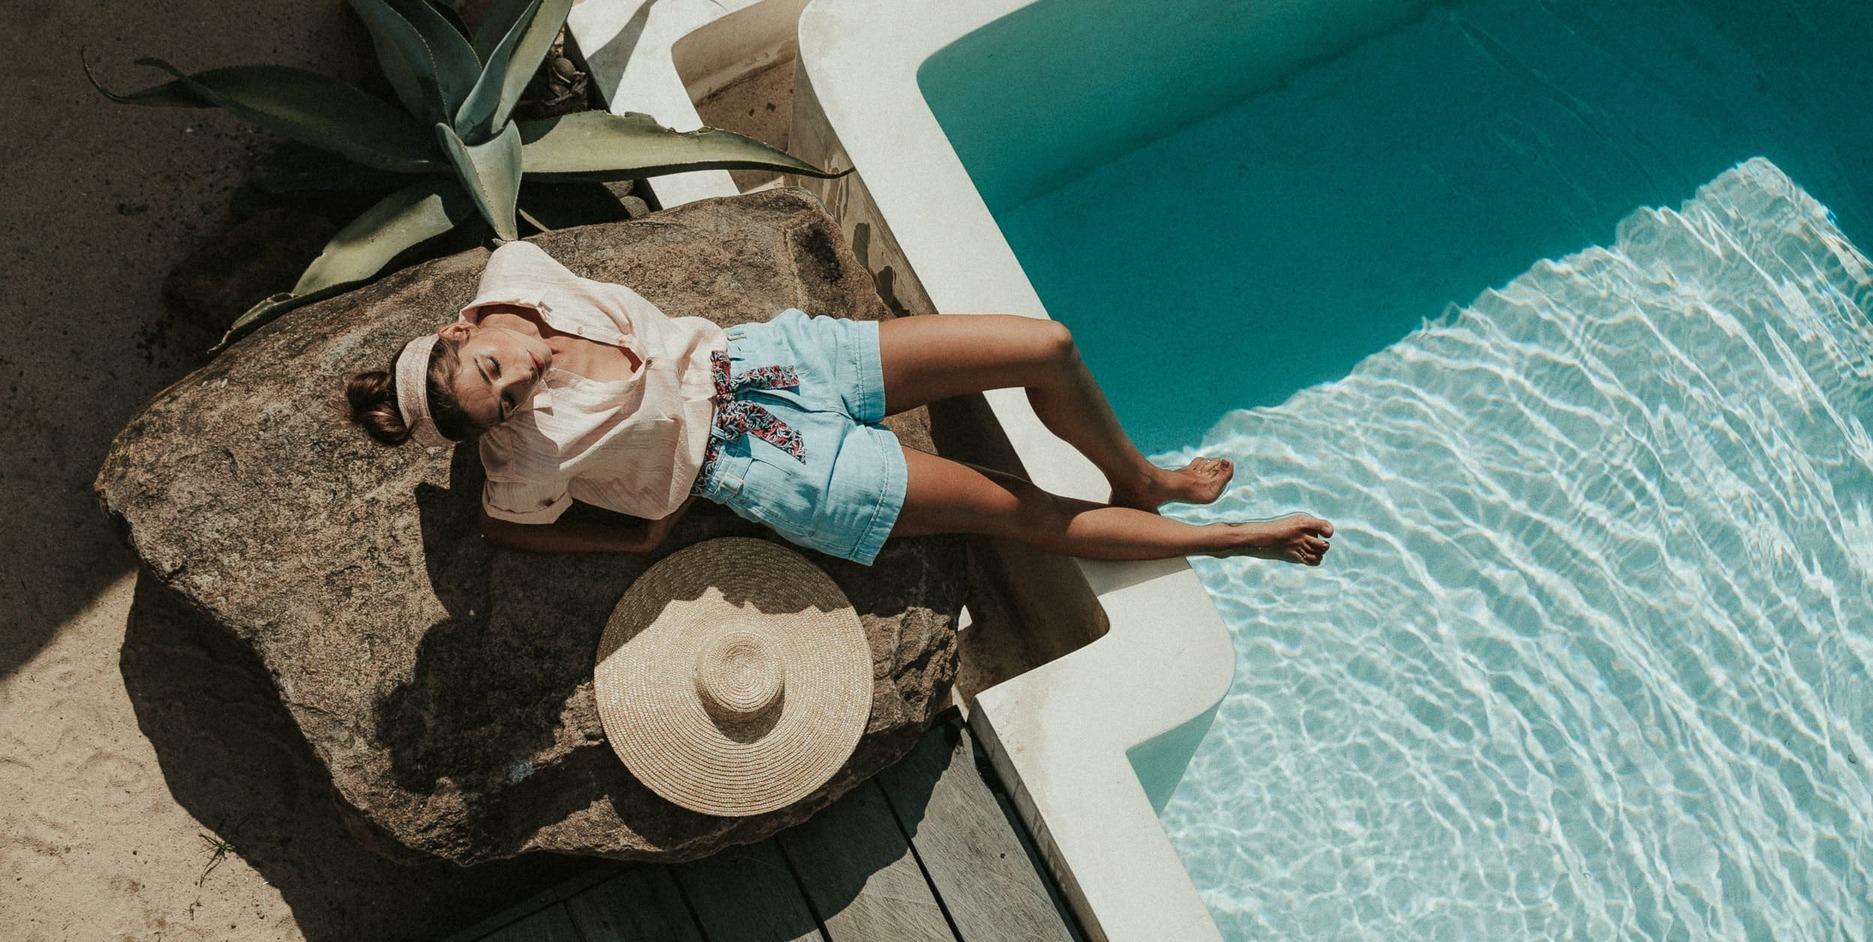 Vêtement bio - éco responsable - Endless Summer - Palem Brand